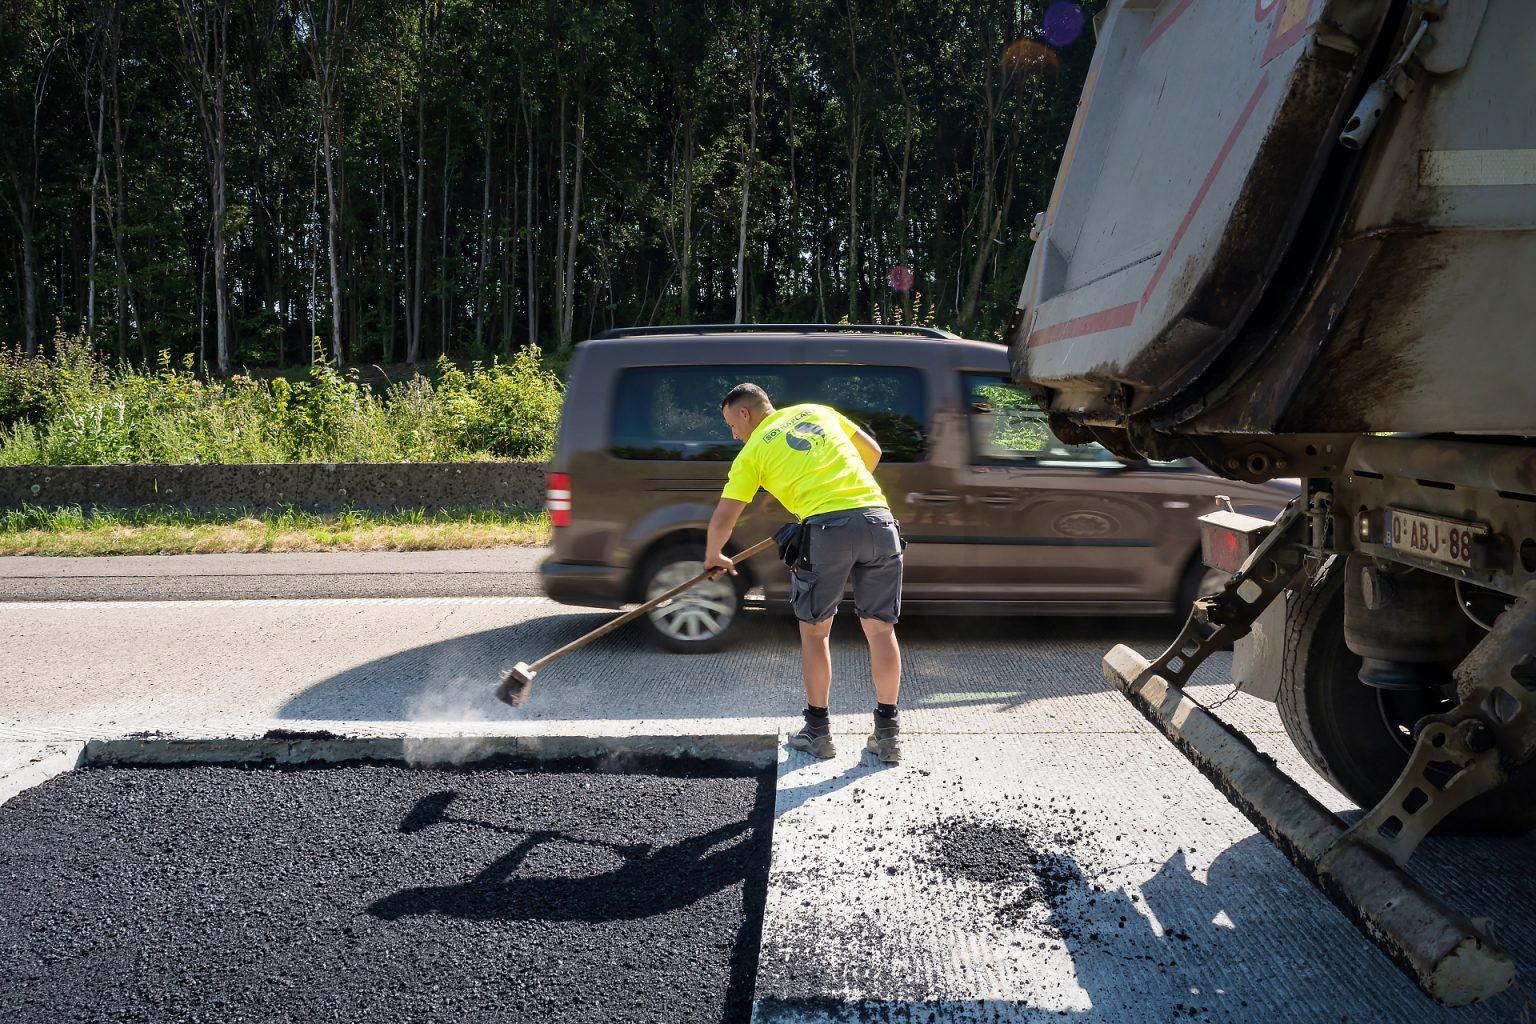 Chantier sur autoroute par le Groupe Broers, reportage d'entreprise par Aurore Delsoir photographe d'entreprise